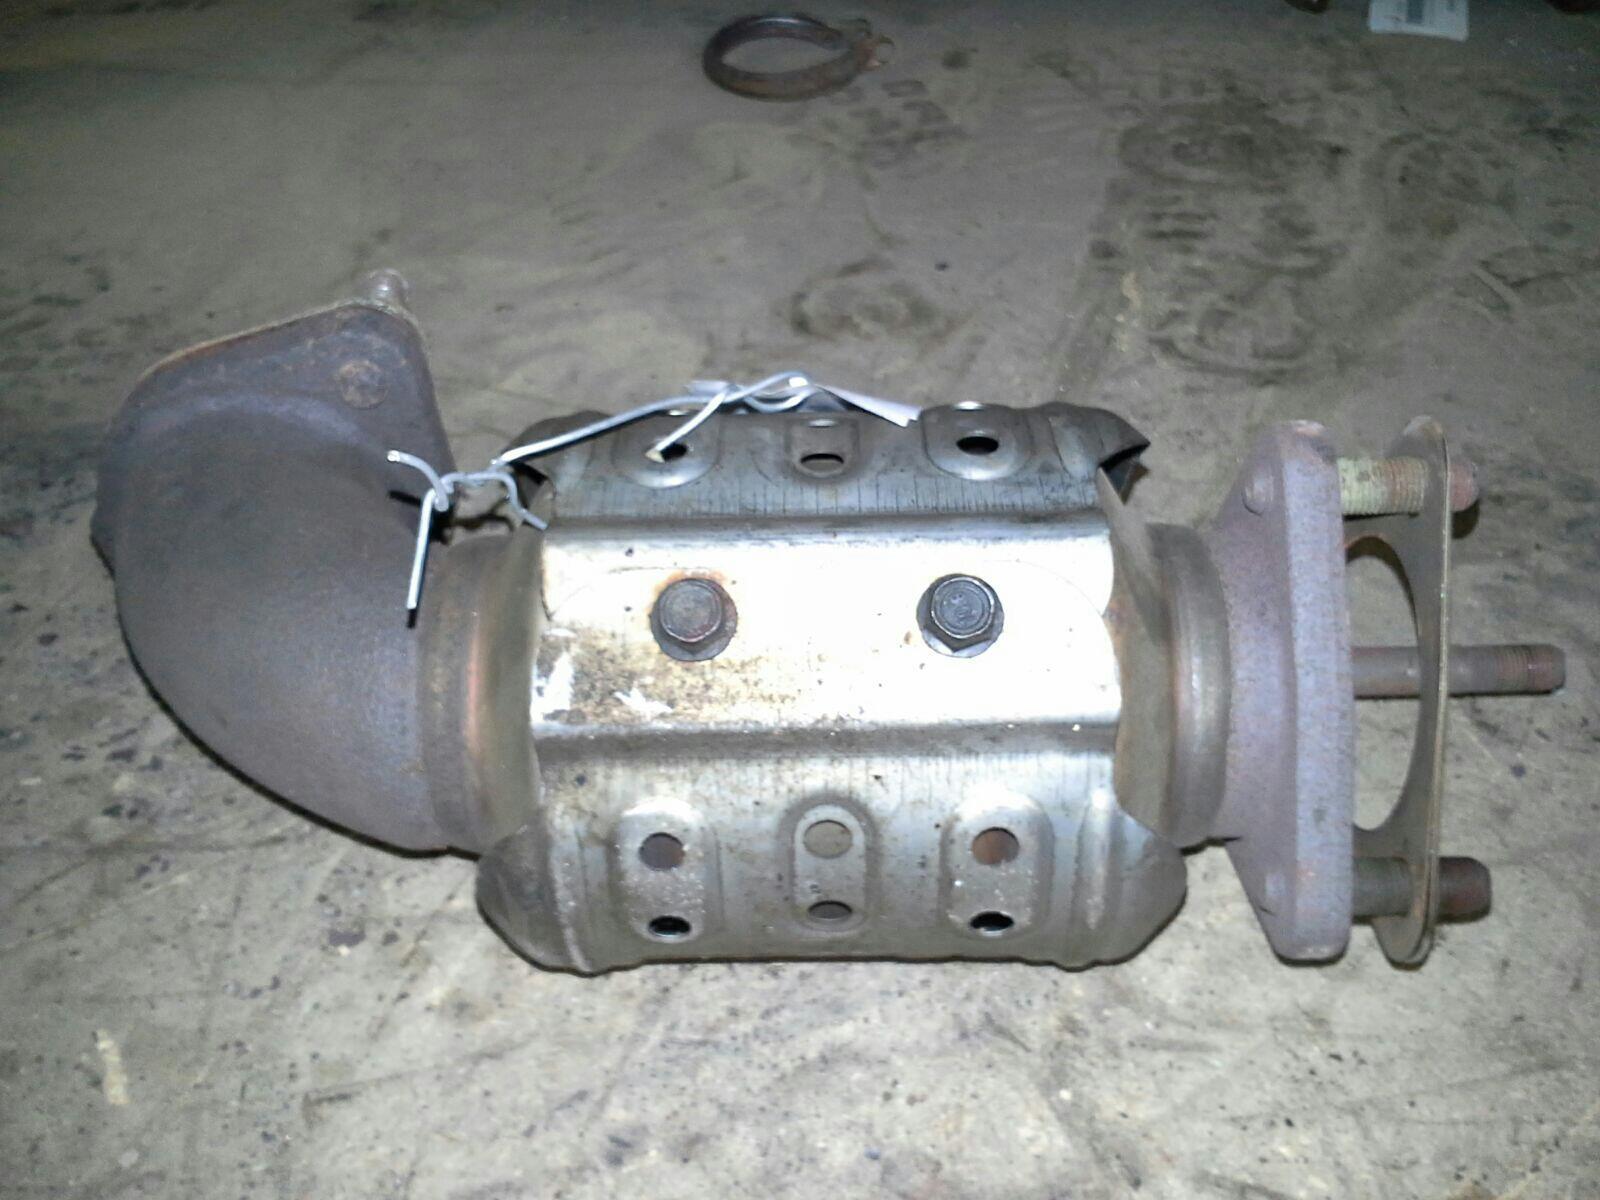 Kia Sedona 2007 To 2009 Exhaust Catalytic Converter Diesel Manual Fuel Filter Gs 29 Cat Warranty 1035704